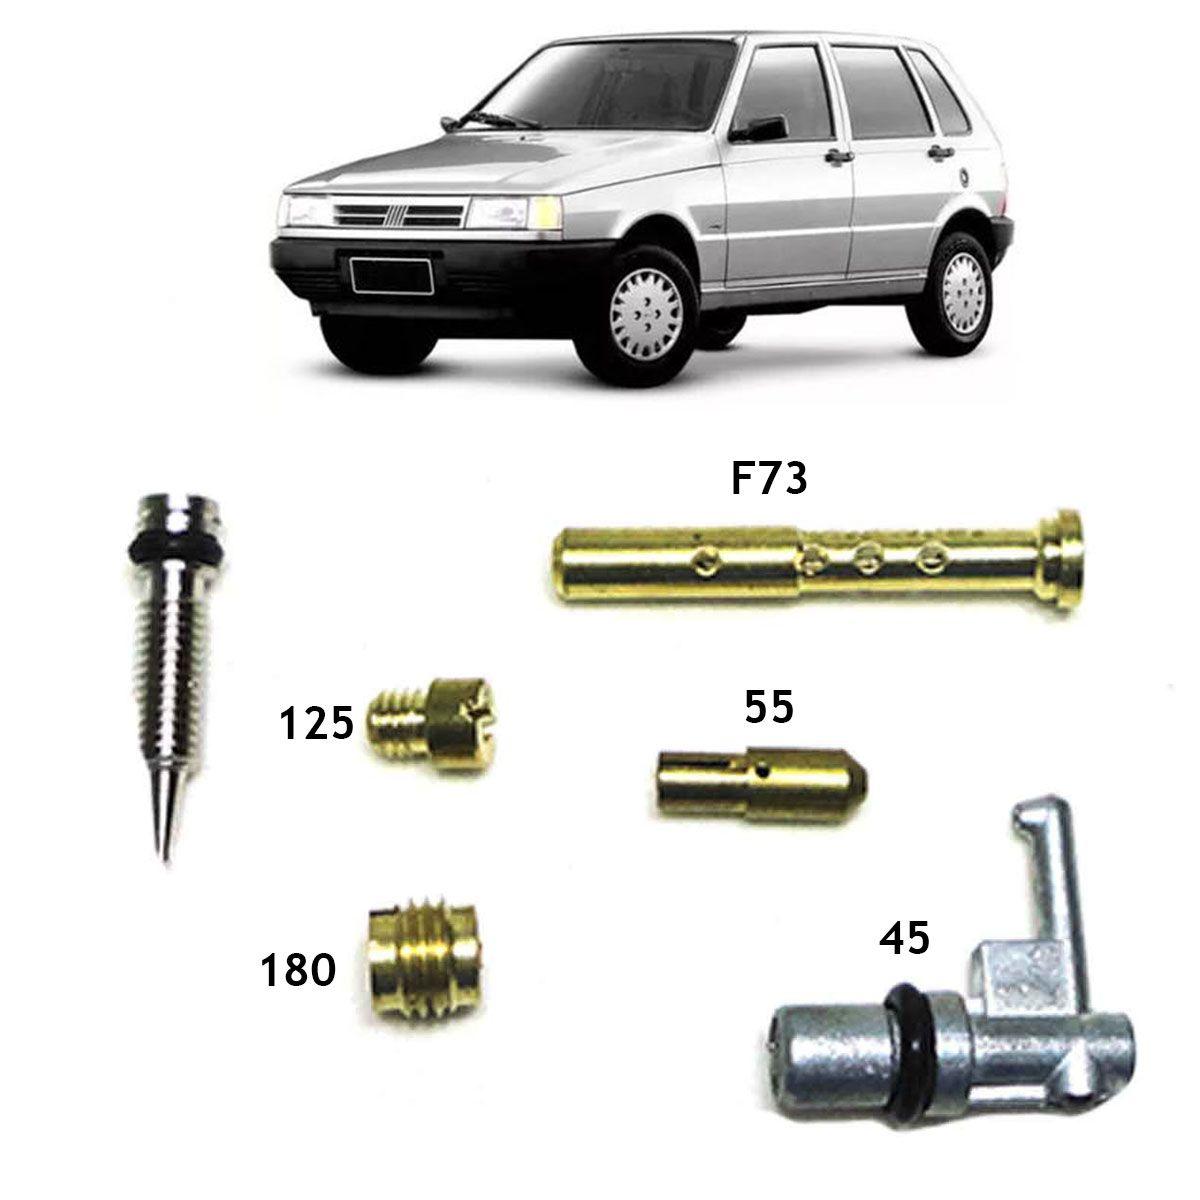 Kit Gicle Carburador Weber 190 Elba Prêmio Uno CS 1.5 Gasolina 1990 até 1992